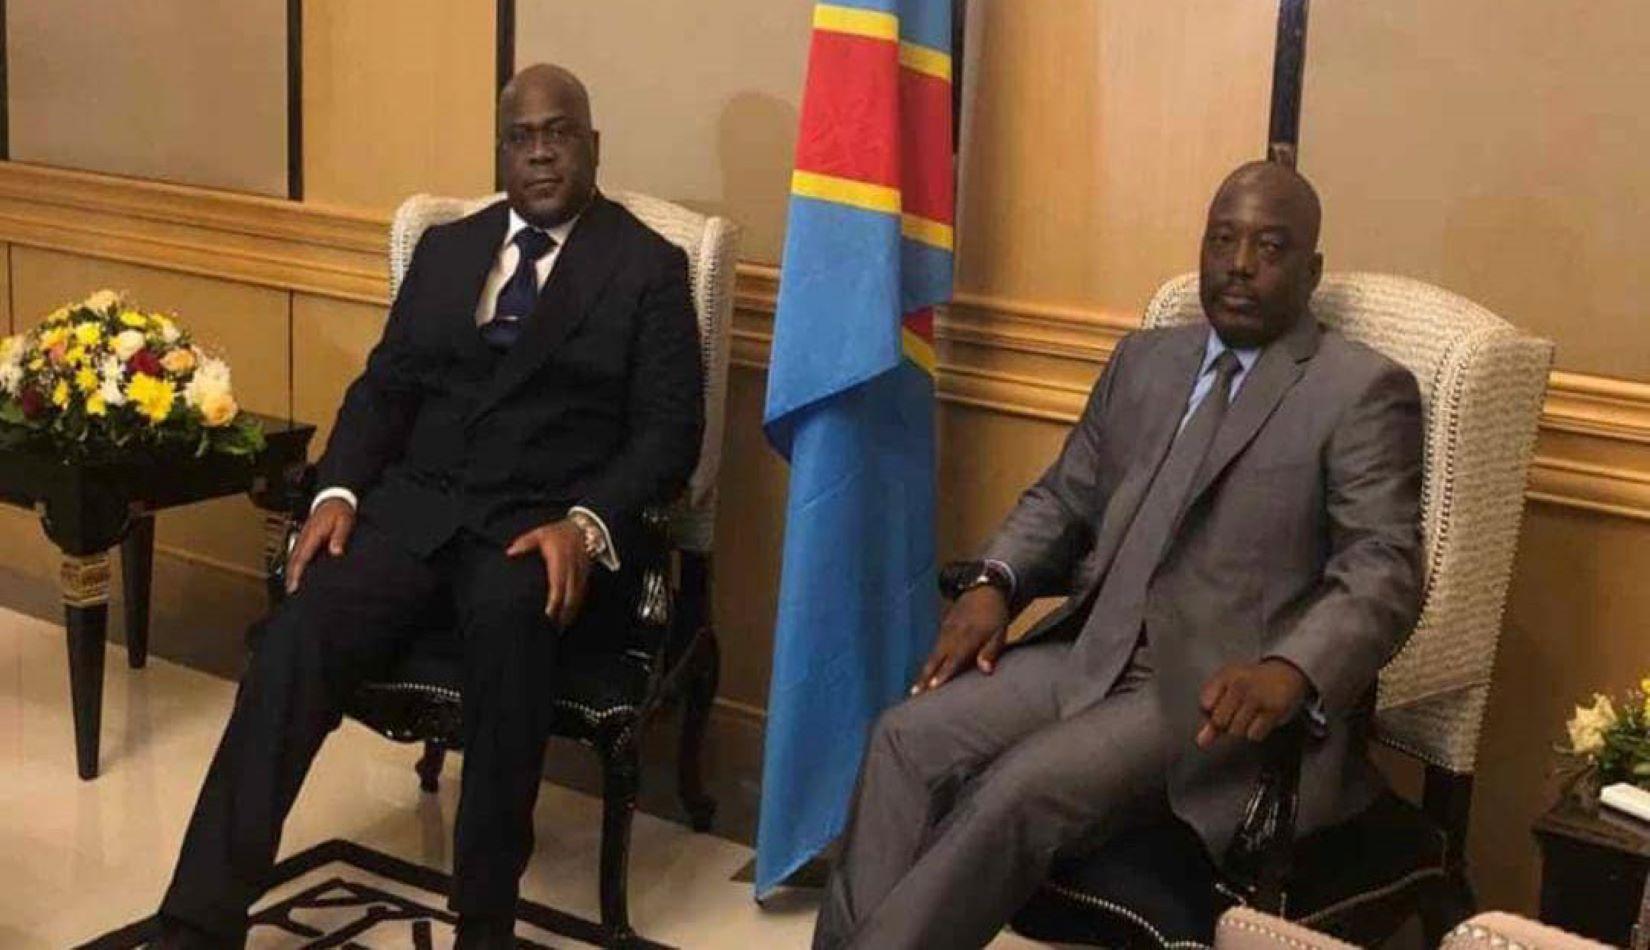 En RD Congo, les tensions politiques font prospérer les discours de haine